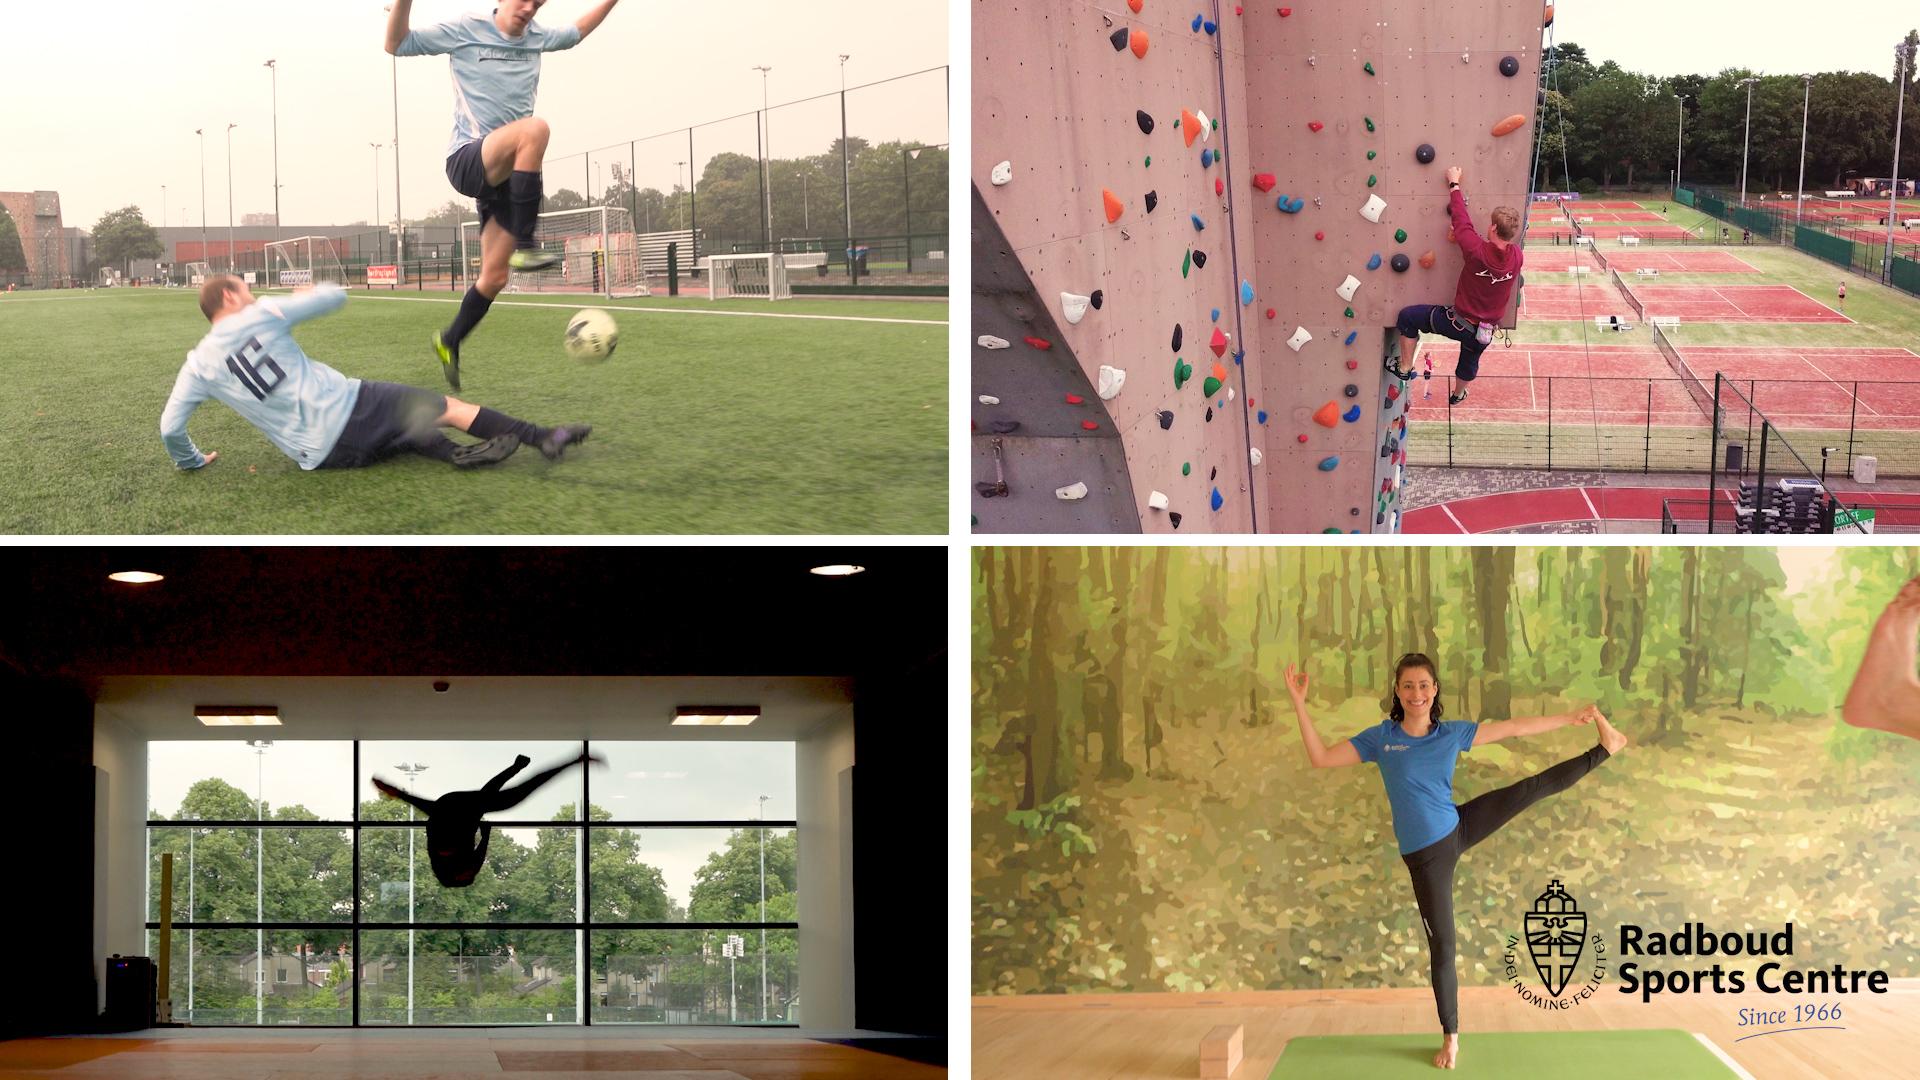 """[expand title=""""""""] https://youtu.be/CR1dzvOmGoM Een film voor het Radboud Sportcentrum vol energie en met bijna alle sporten en faciliteiten van de universiteit van Nijmegen.[/expand]"""